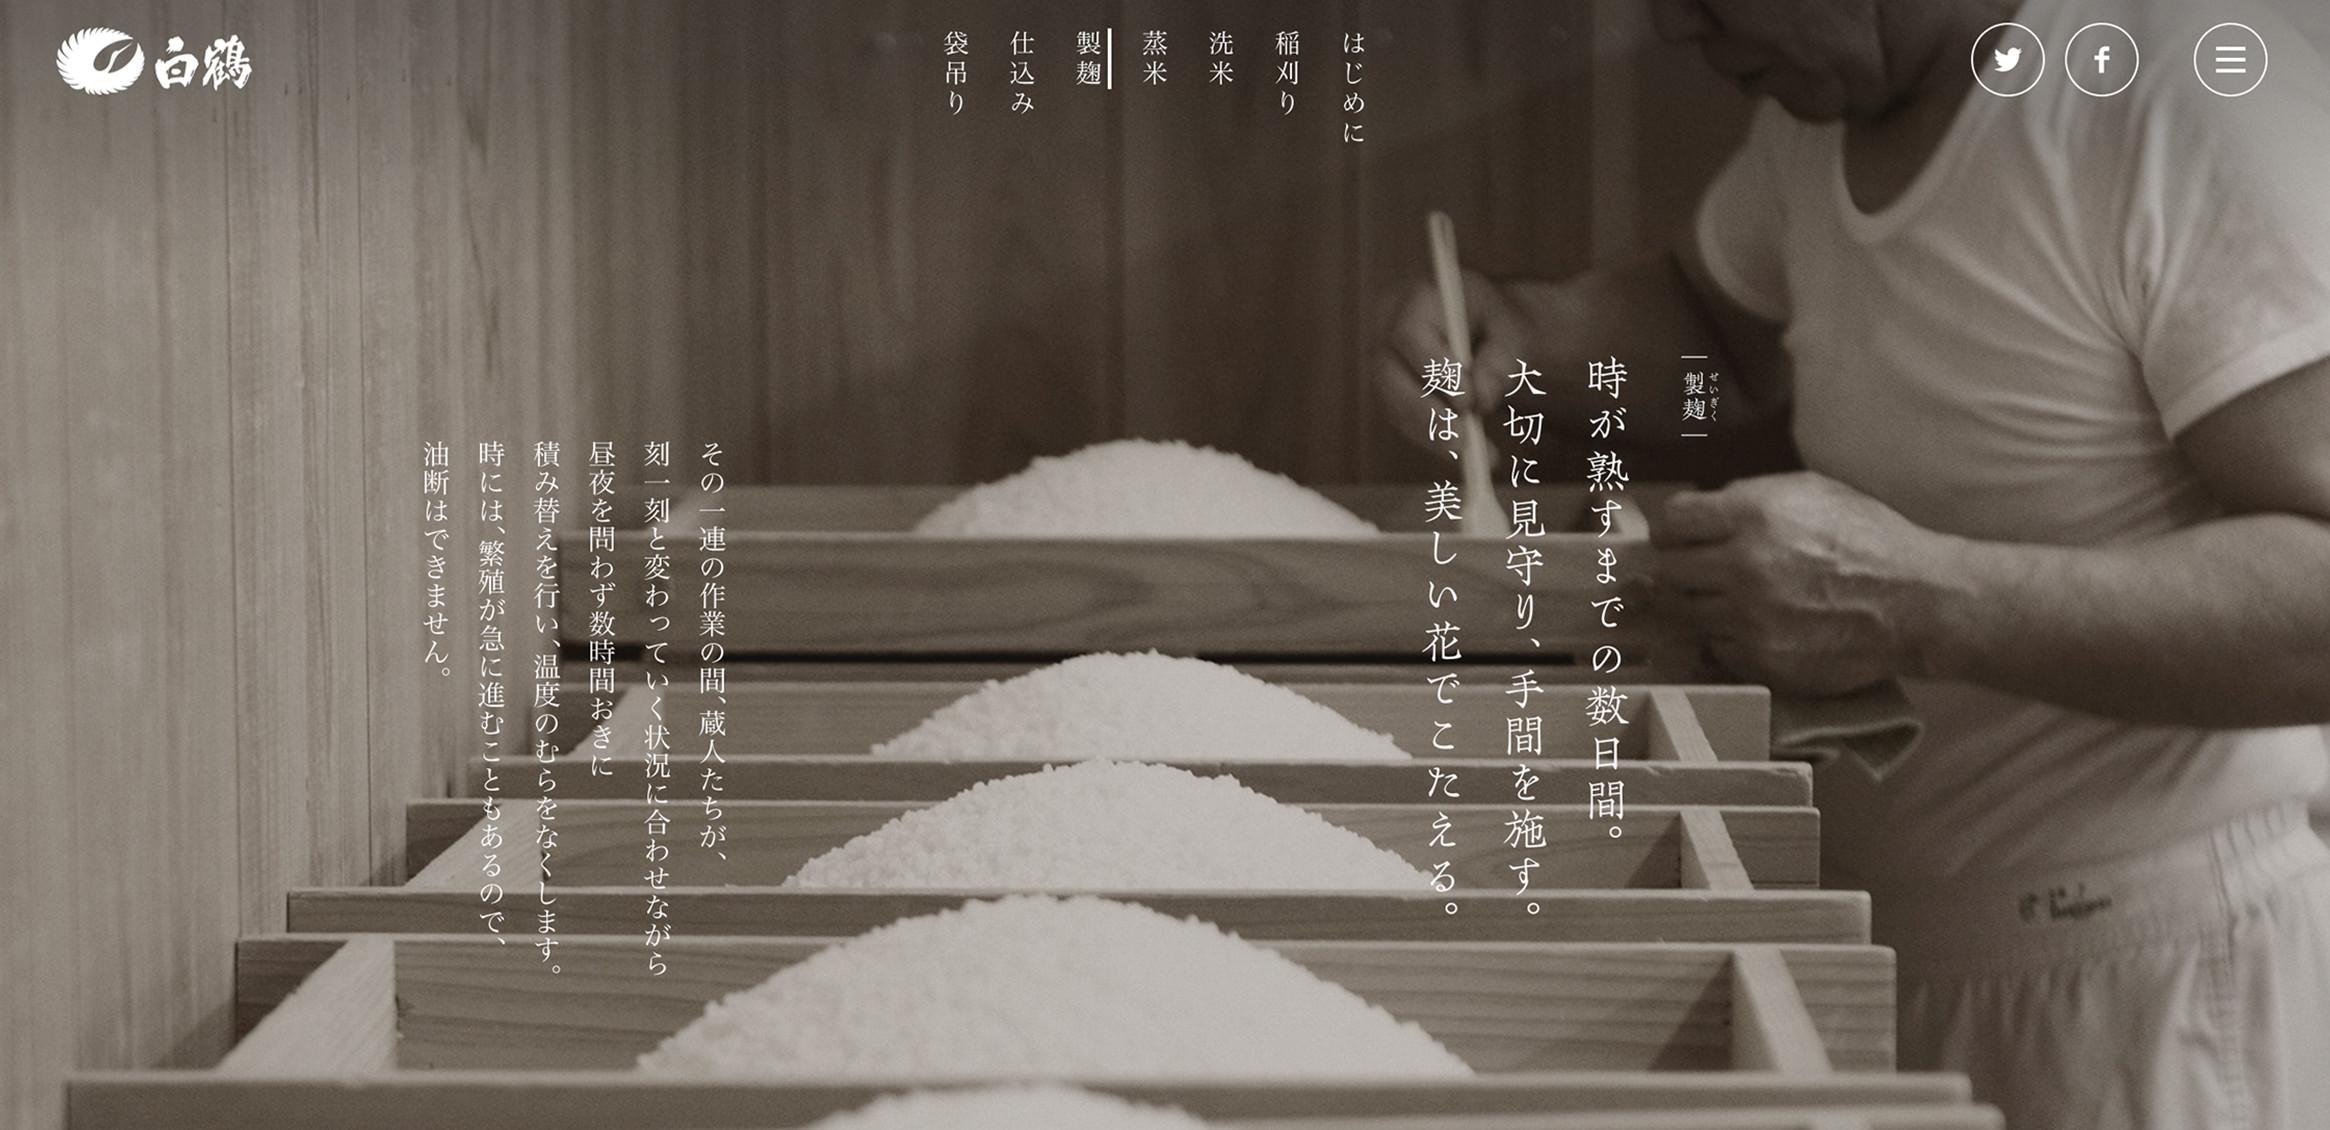 超特选白鹤天空袋滤纯米大吟酿山田锦/白鹤锦4枚目